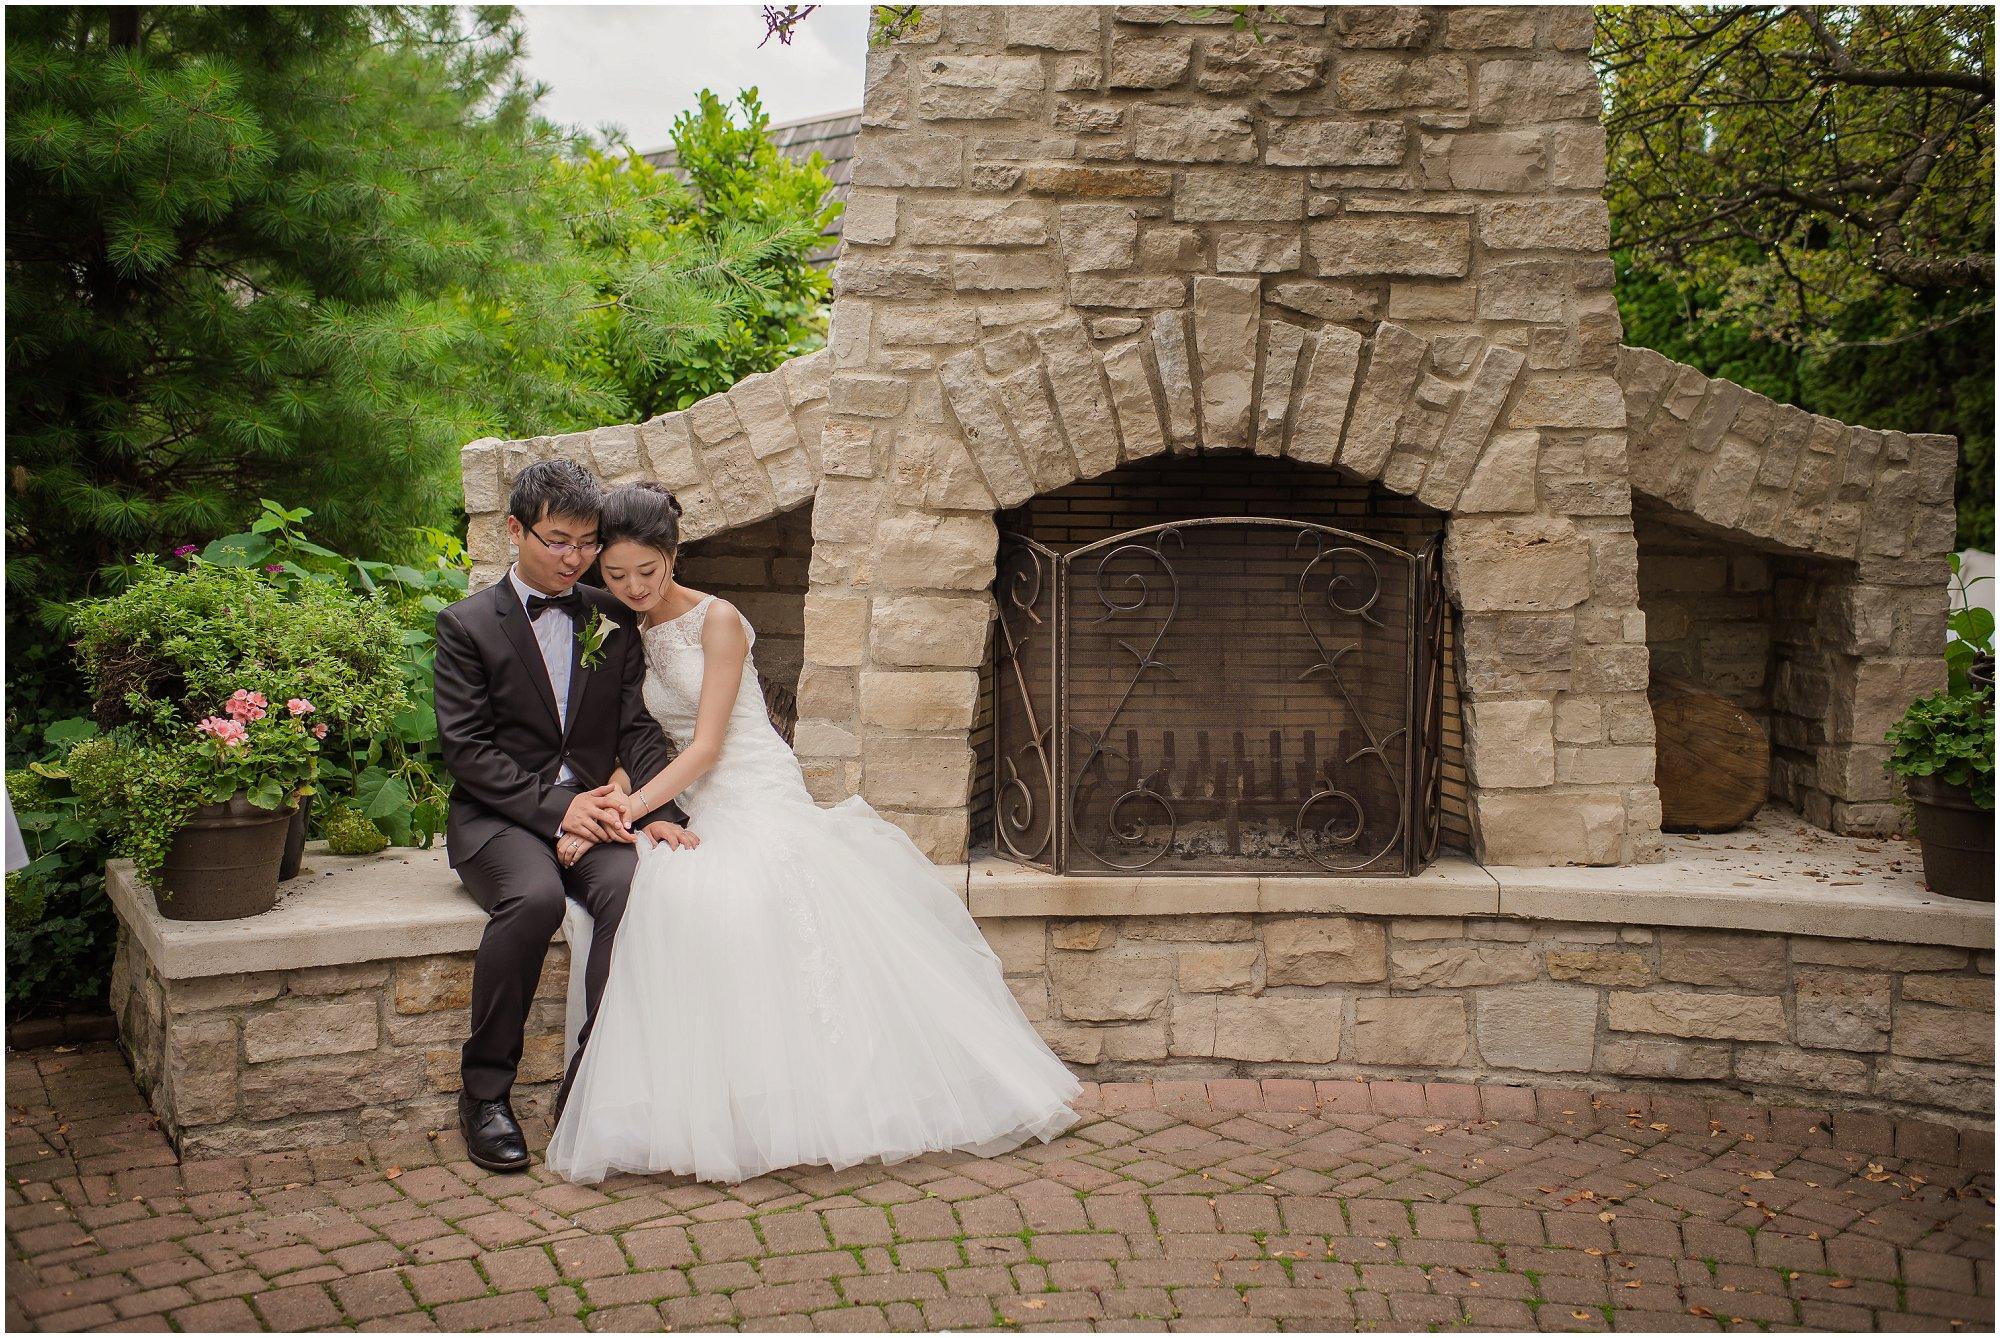 University-of-michigan-museum-of-art-wedding_1348.jpg